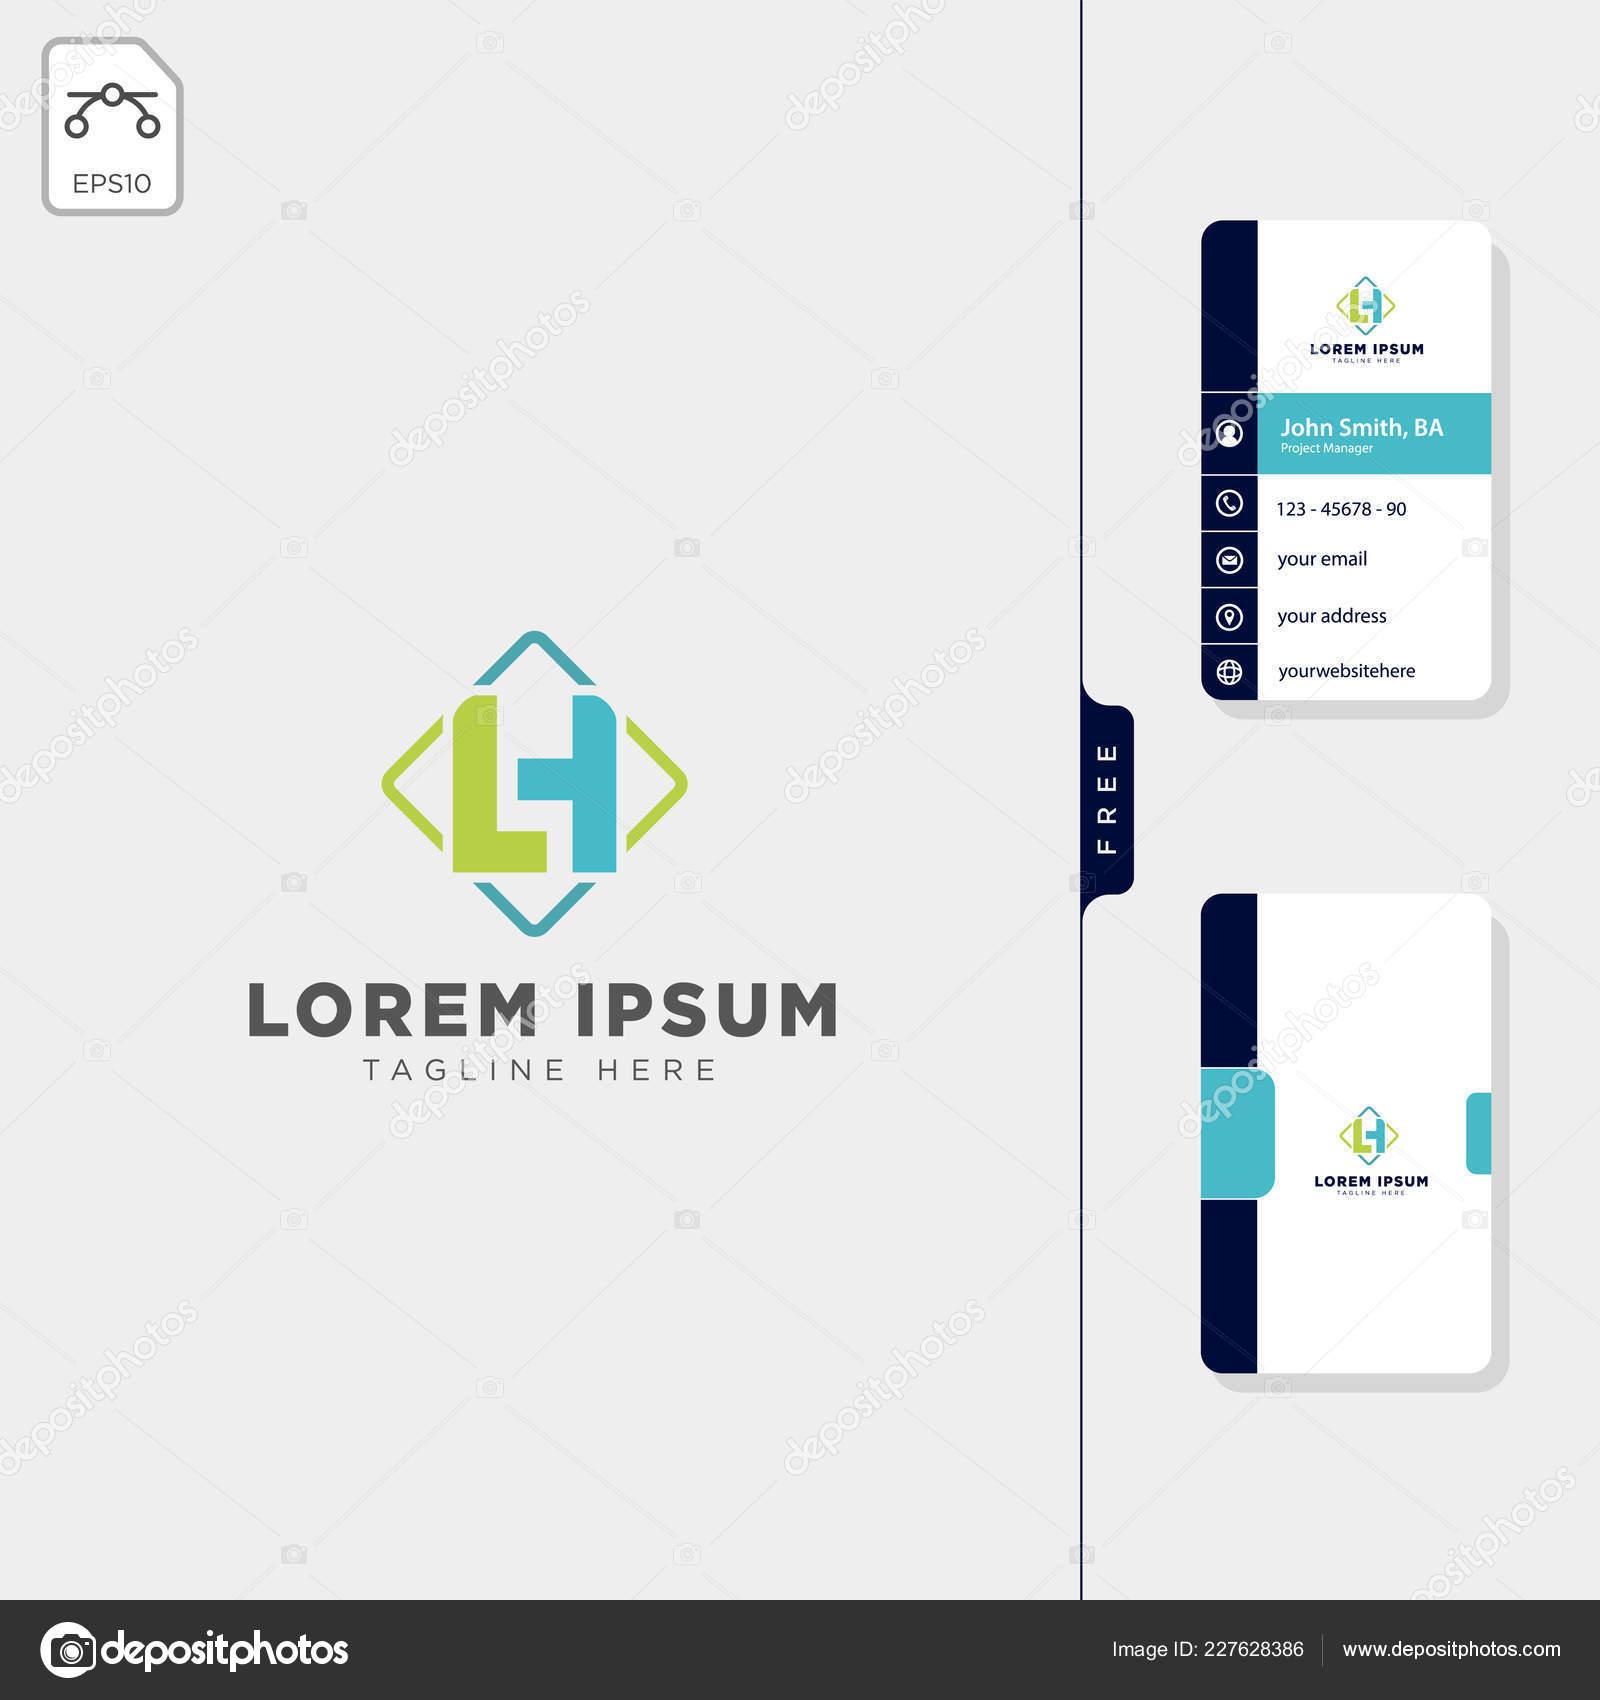 Minimale Erste Logo Vorlage Vektor Illustration Kostenlose